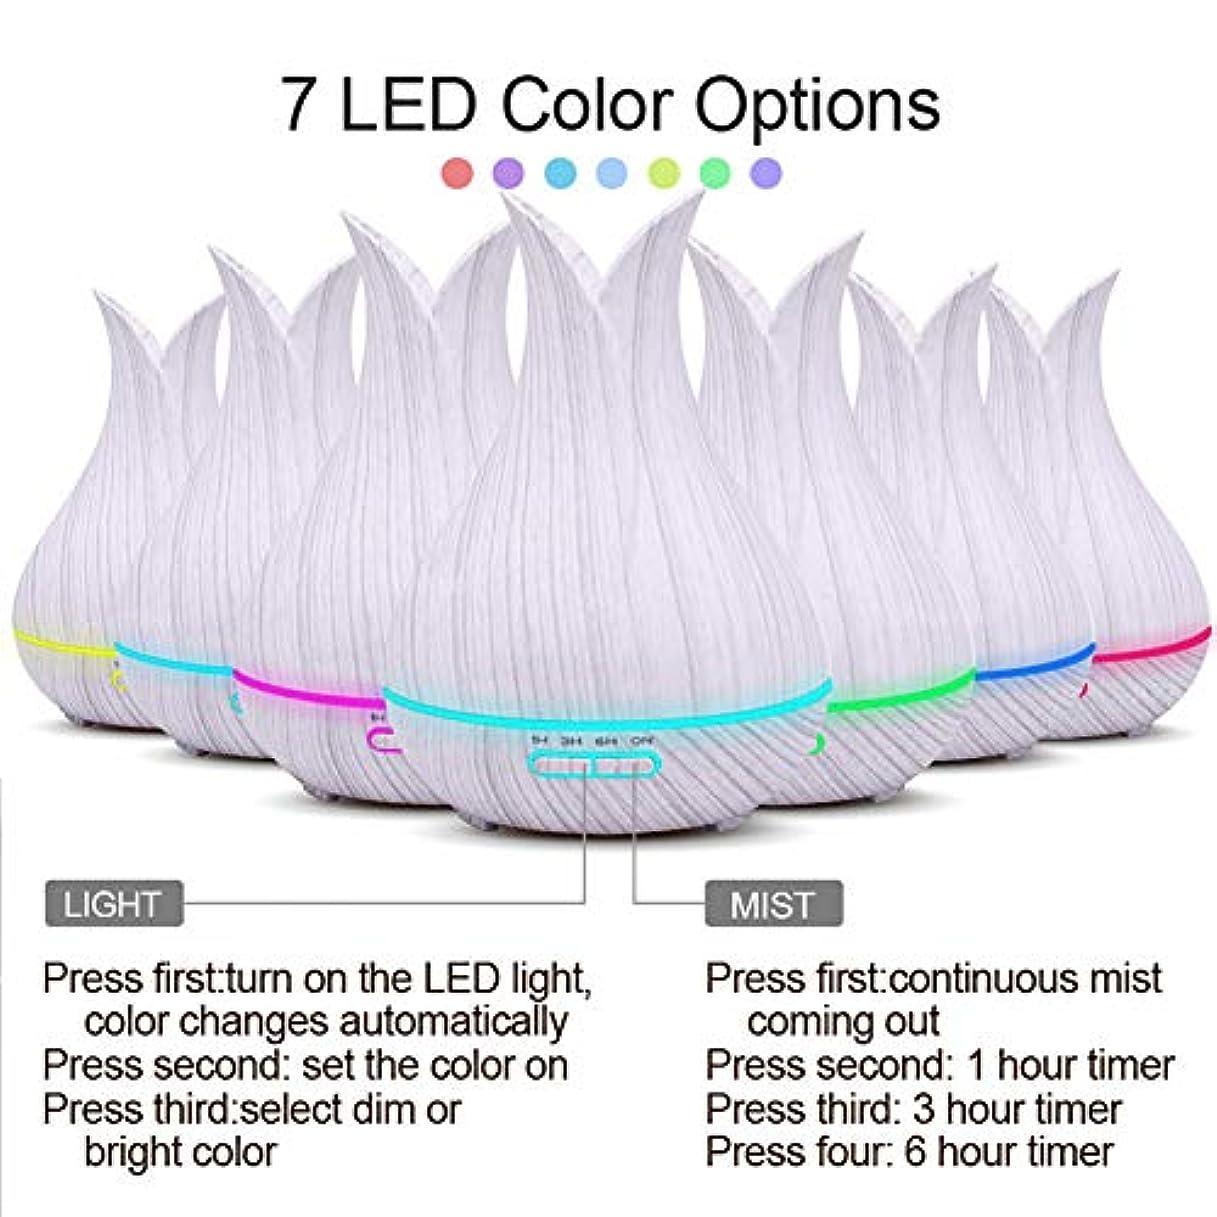 絶望コマーススカイエッセンシャルオイルディフューザーと加湿器、ミストエッセンシャルオイルアロマ加湿器のための超音波アロマセラピーディフューザー、400ミリリットル水タンク7色LEDライト,White